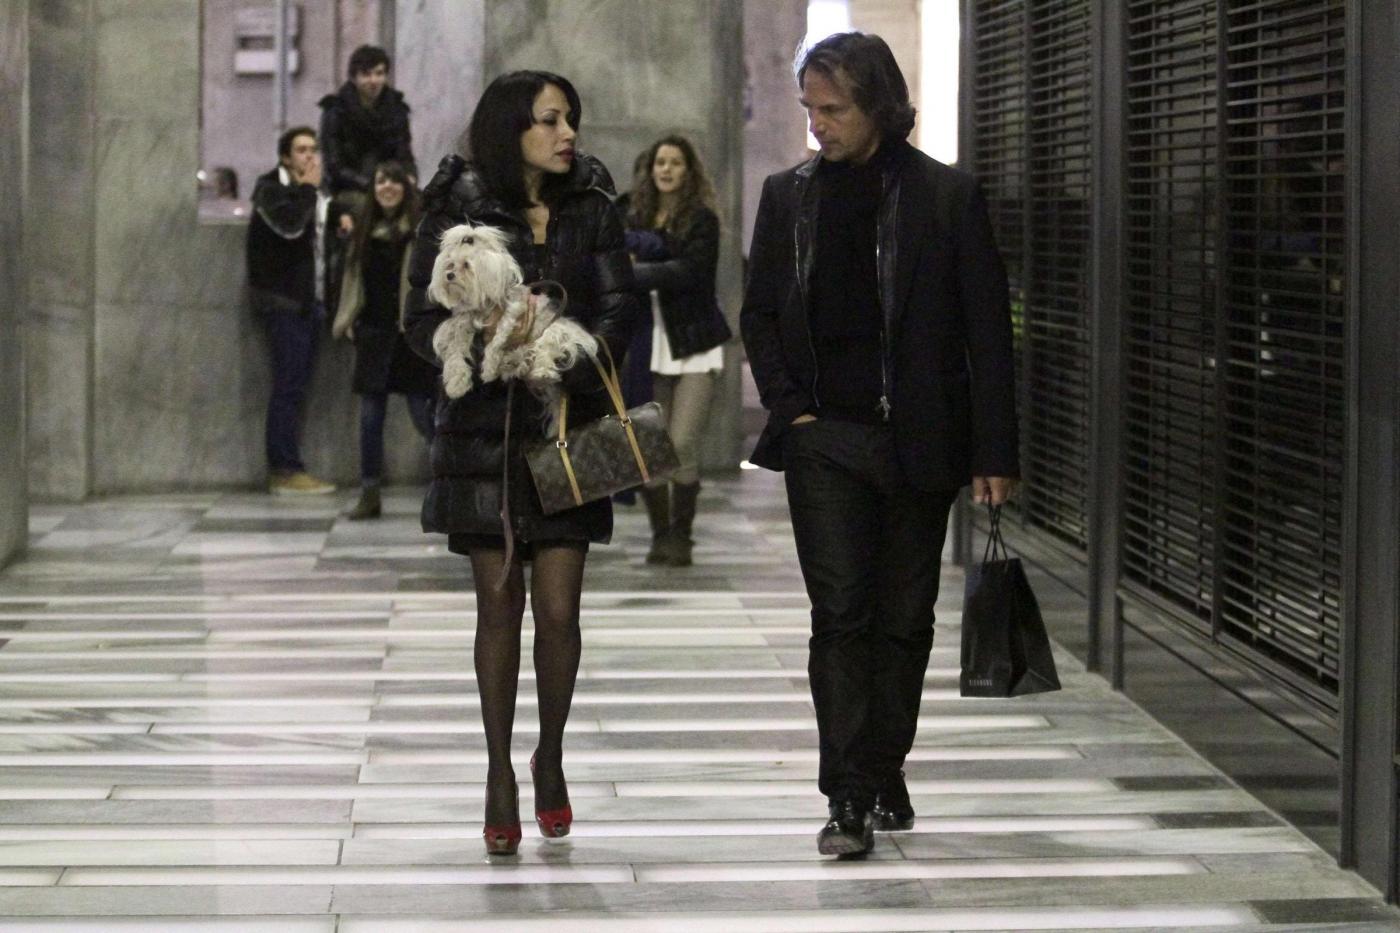 Antonio Zequila con ragazza e cagnolino a Milano04